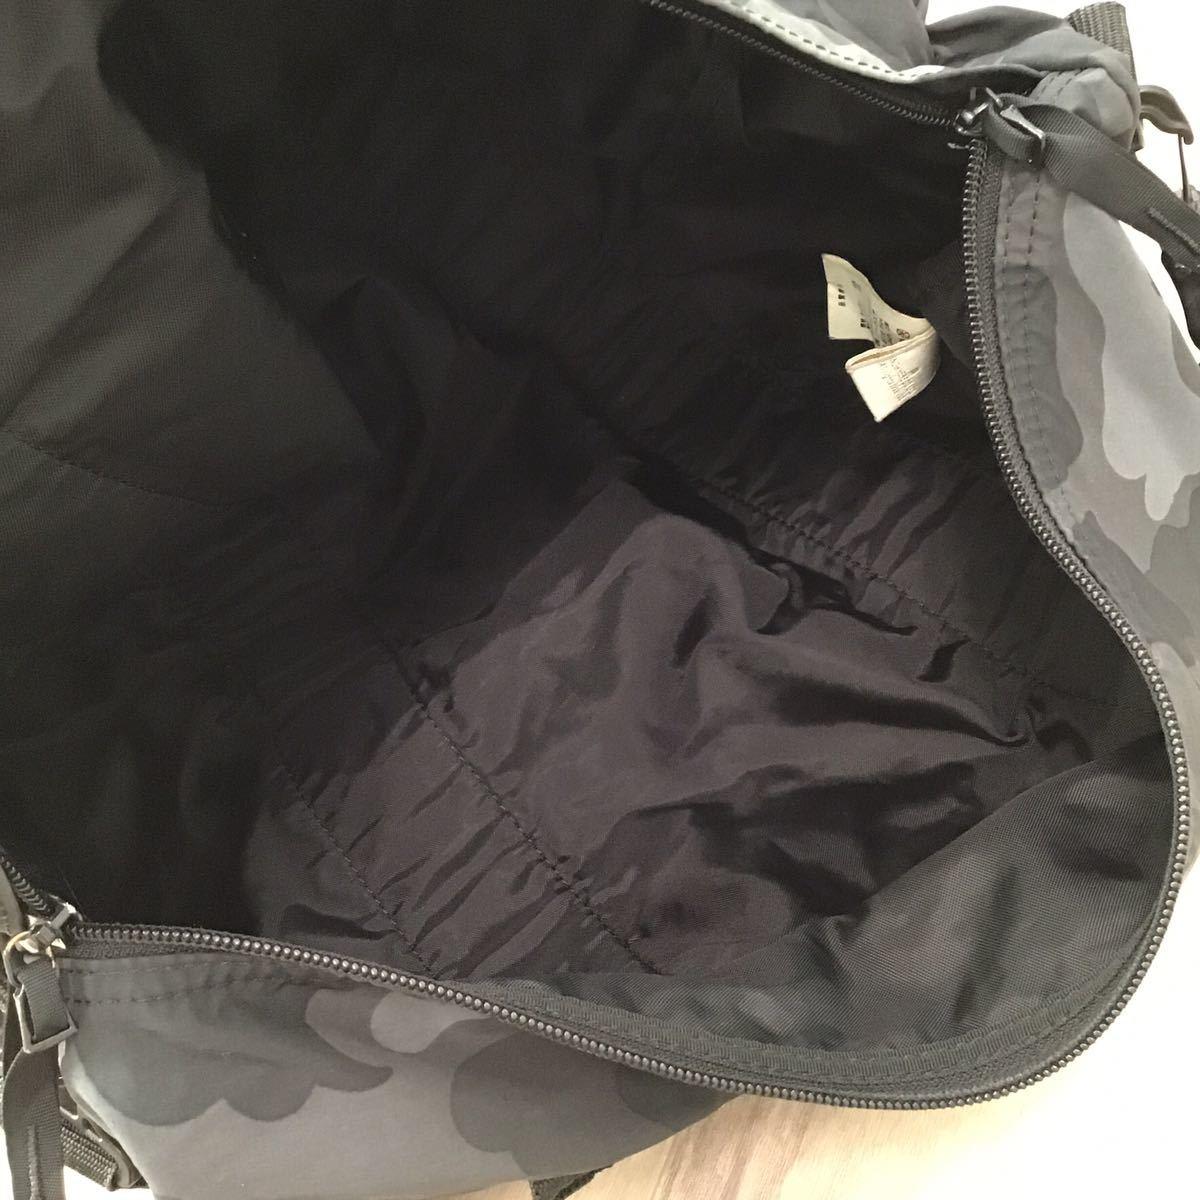 black camo ボストン バッグ a bathing ape bape ブラックカモ エイプ ベイプ アベイシングエイプ Boston bag 迷彩 0896